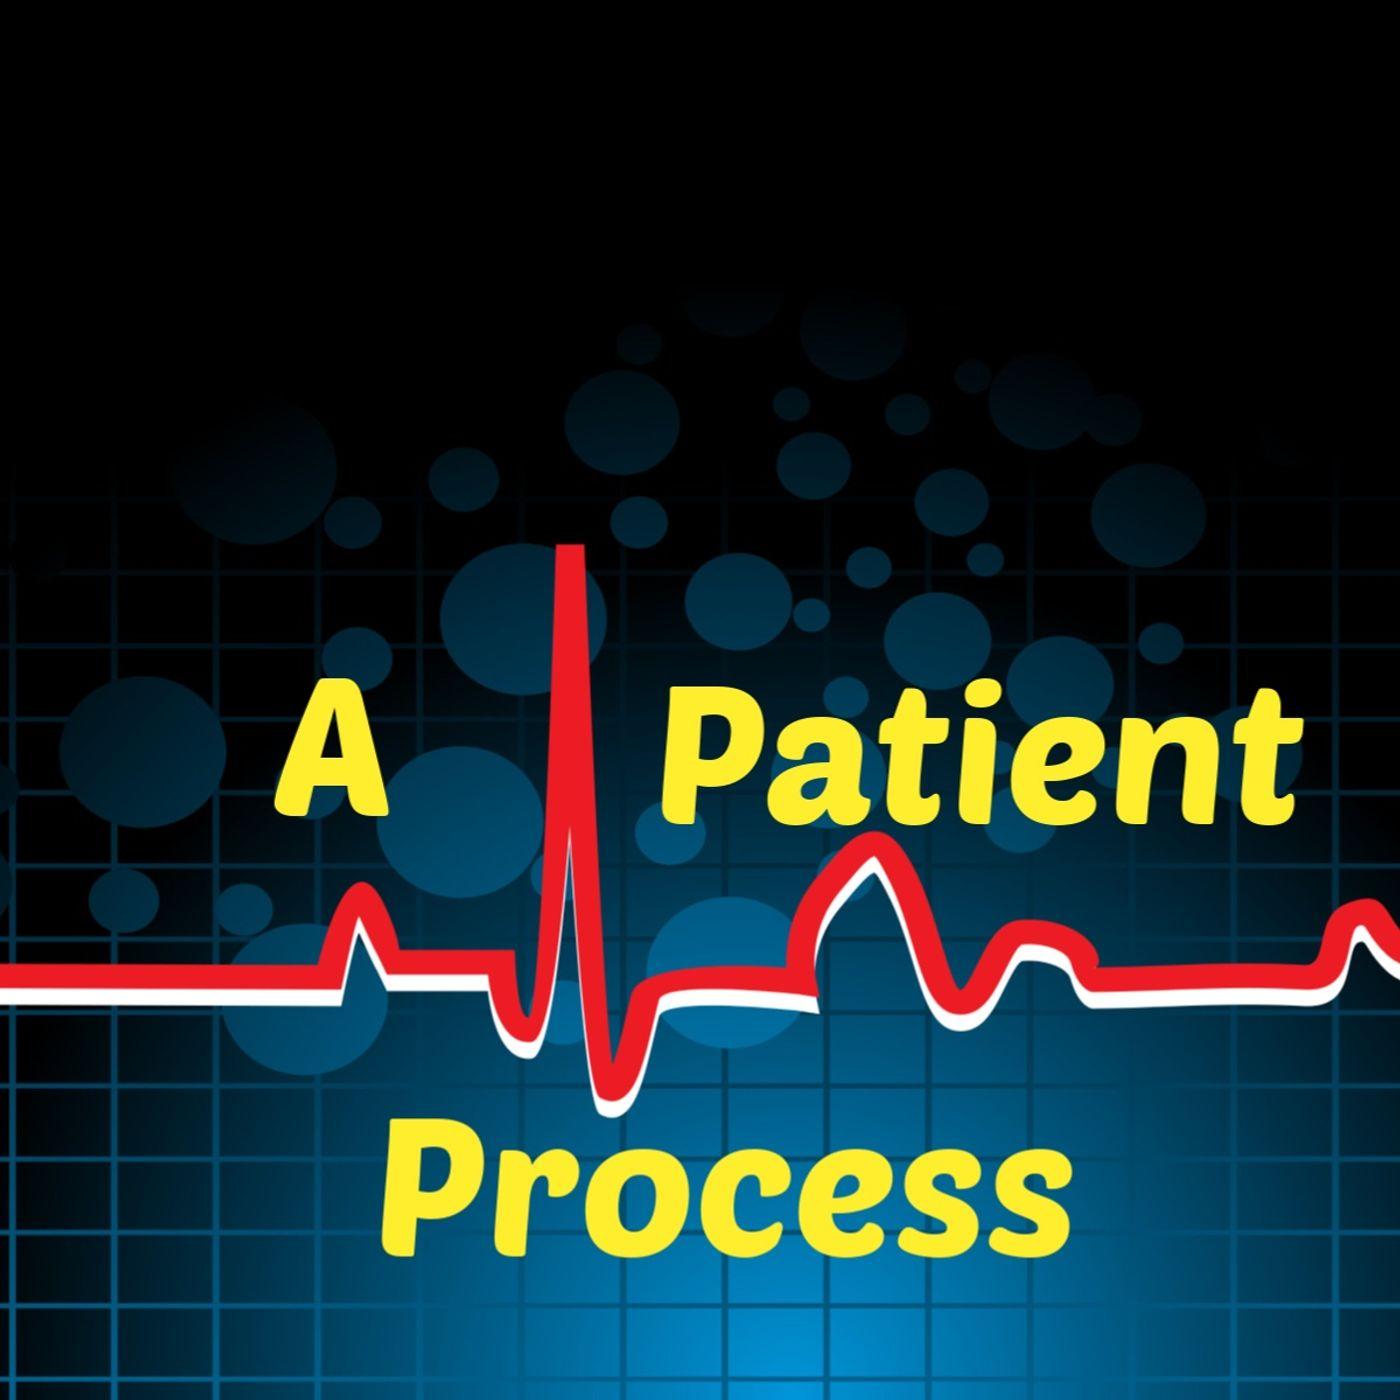 A Patient Process